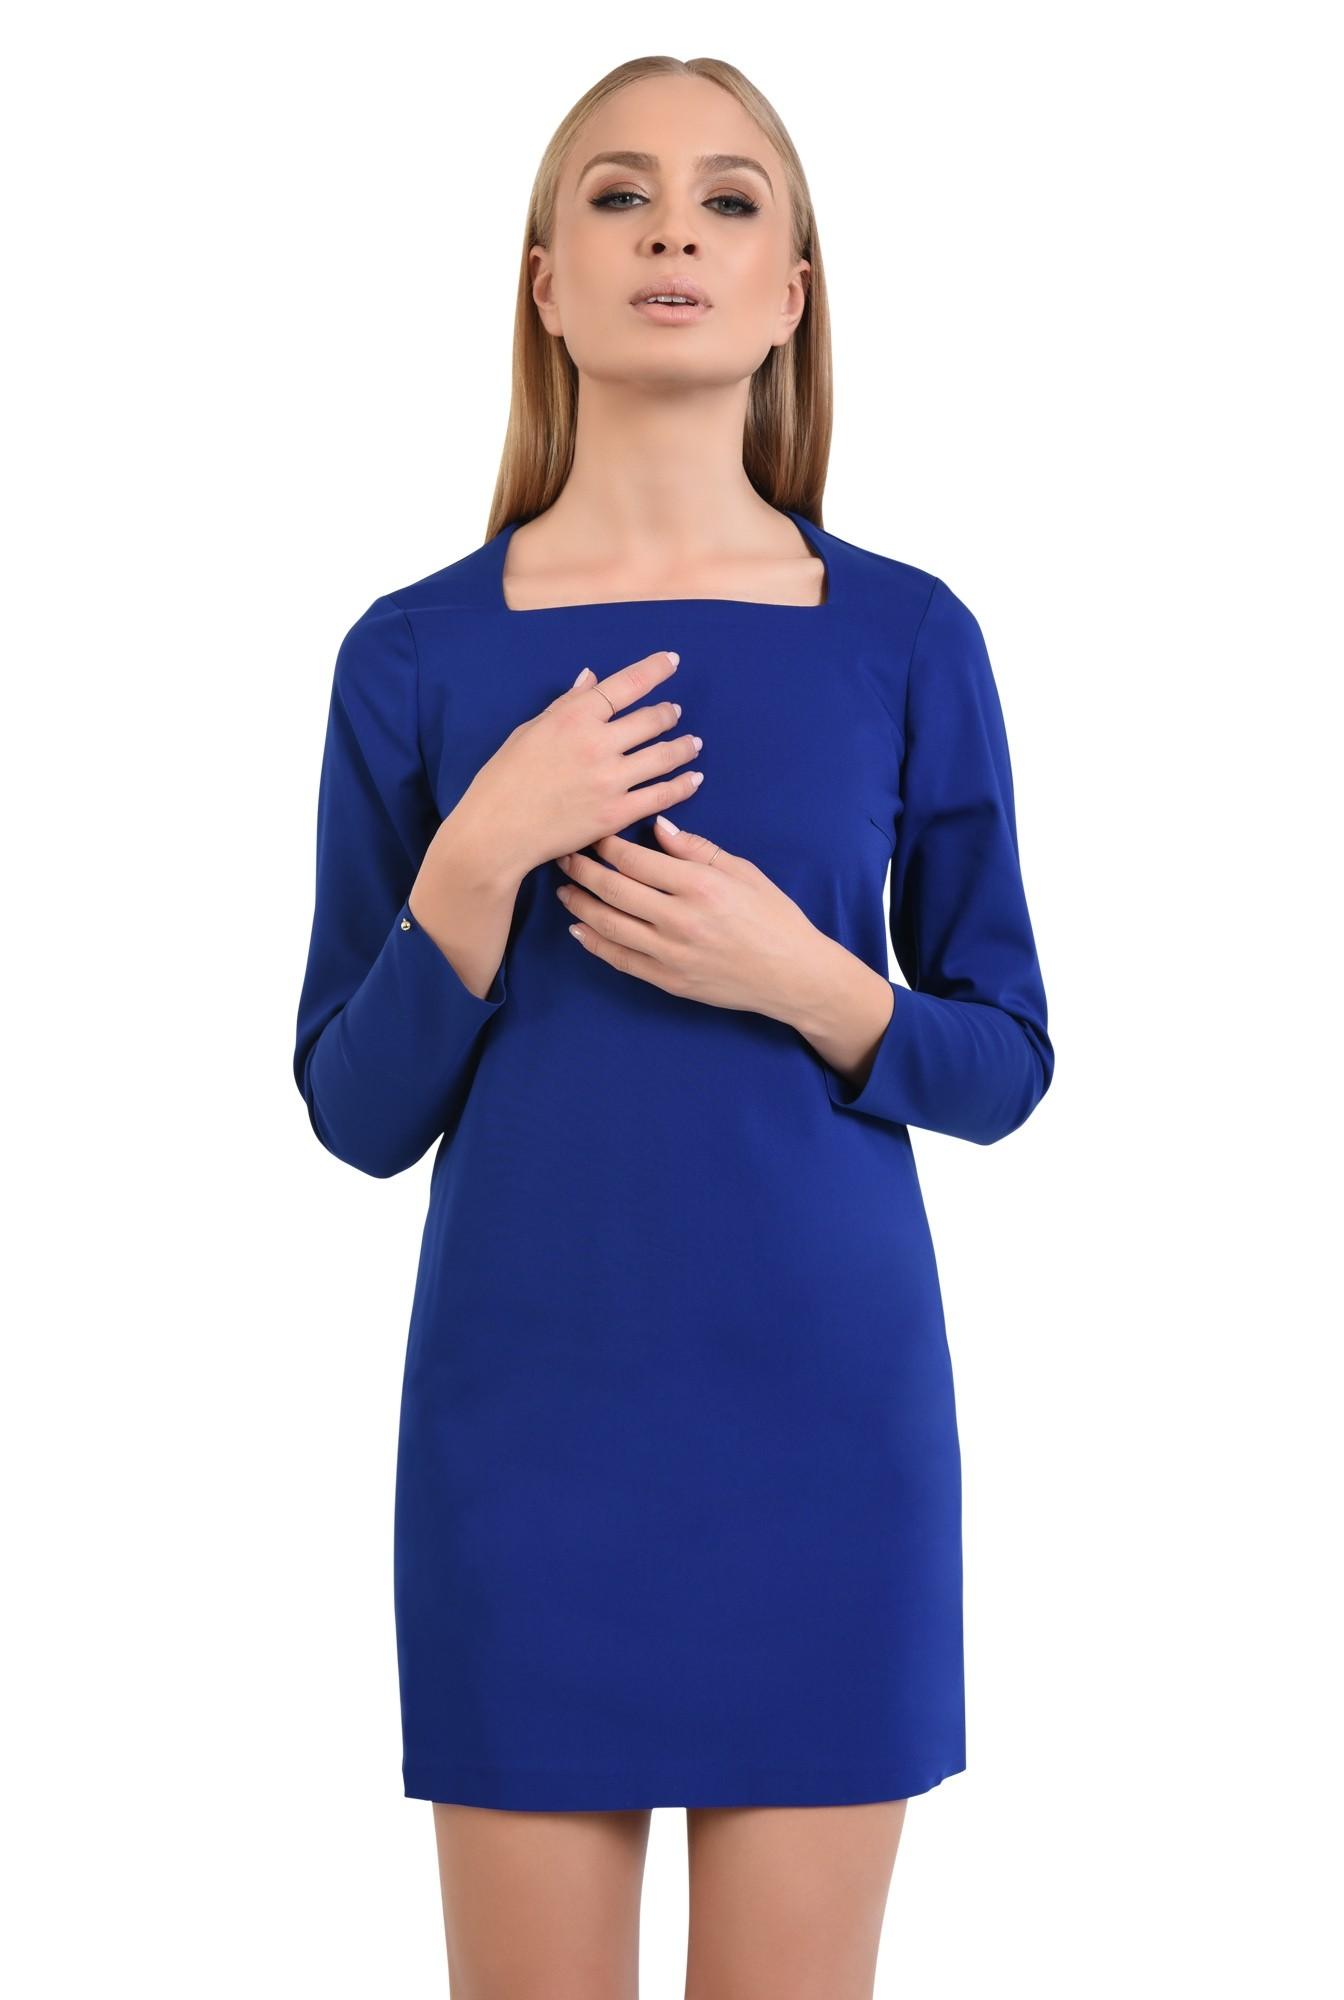 rochie mini, albastru, maneci lungi, decolteu asimetric